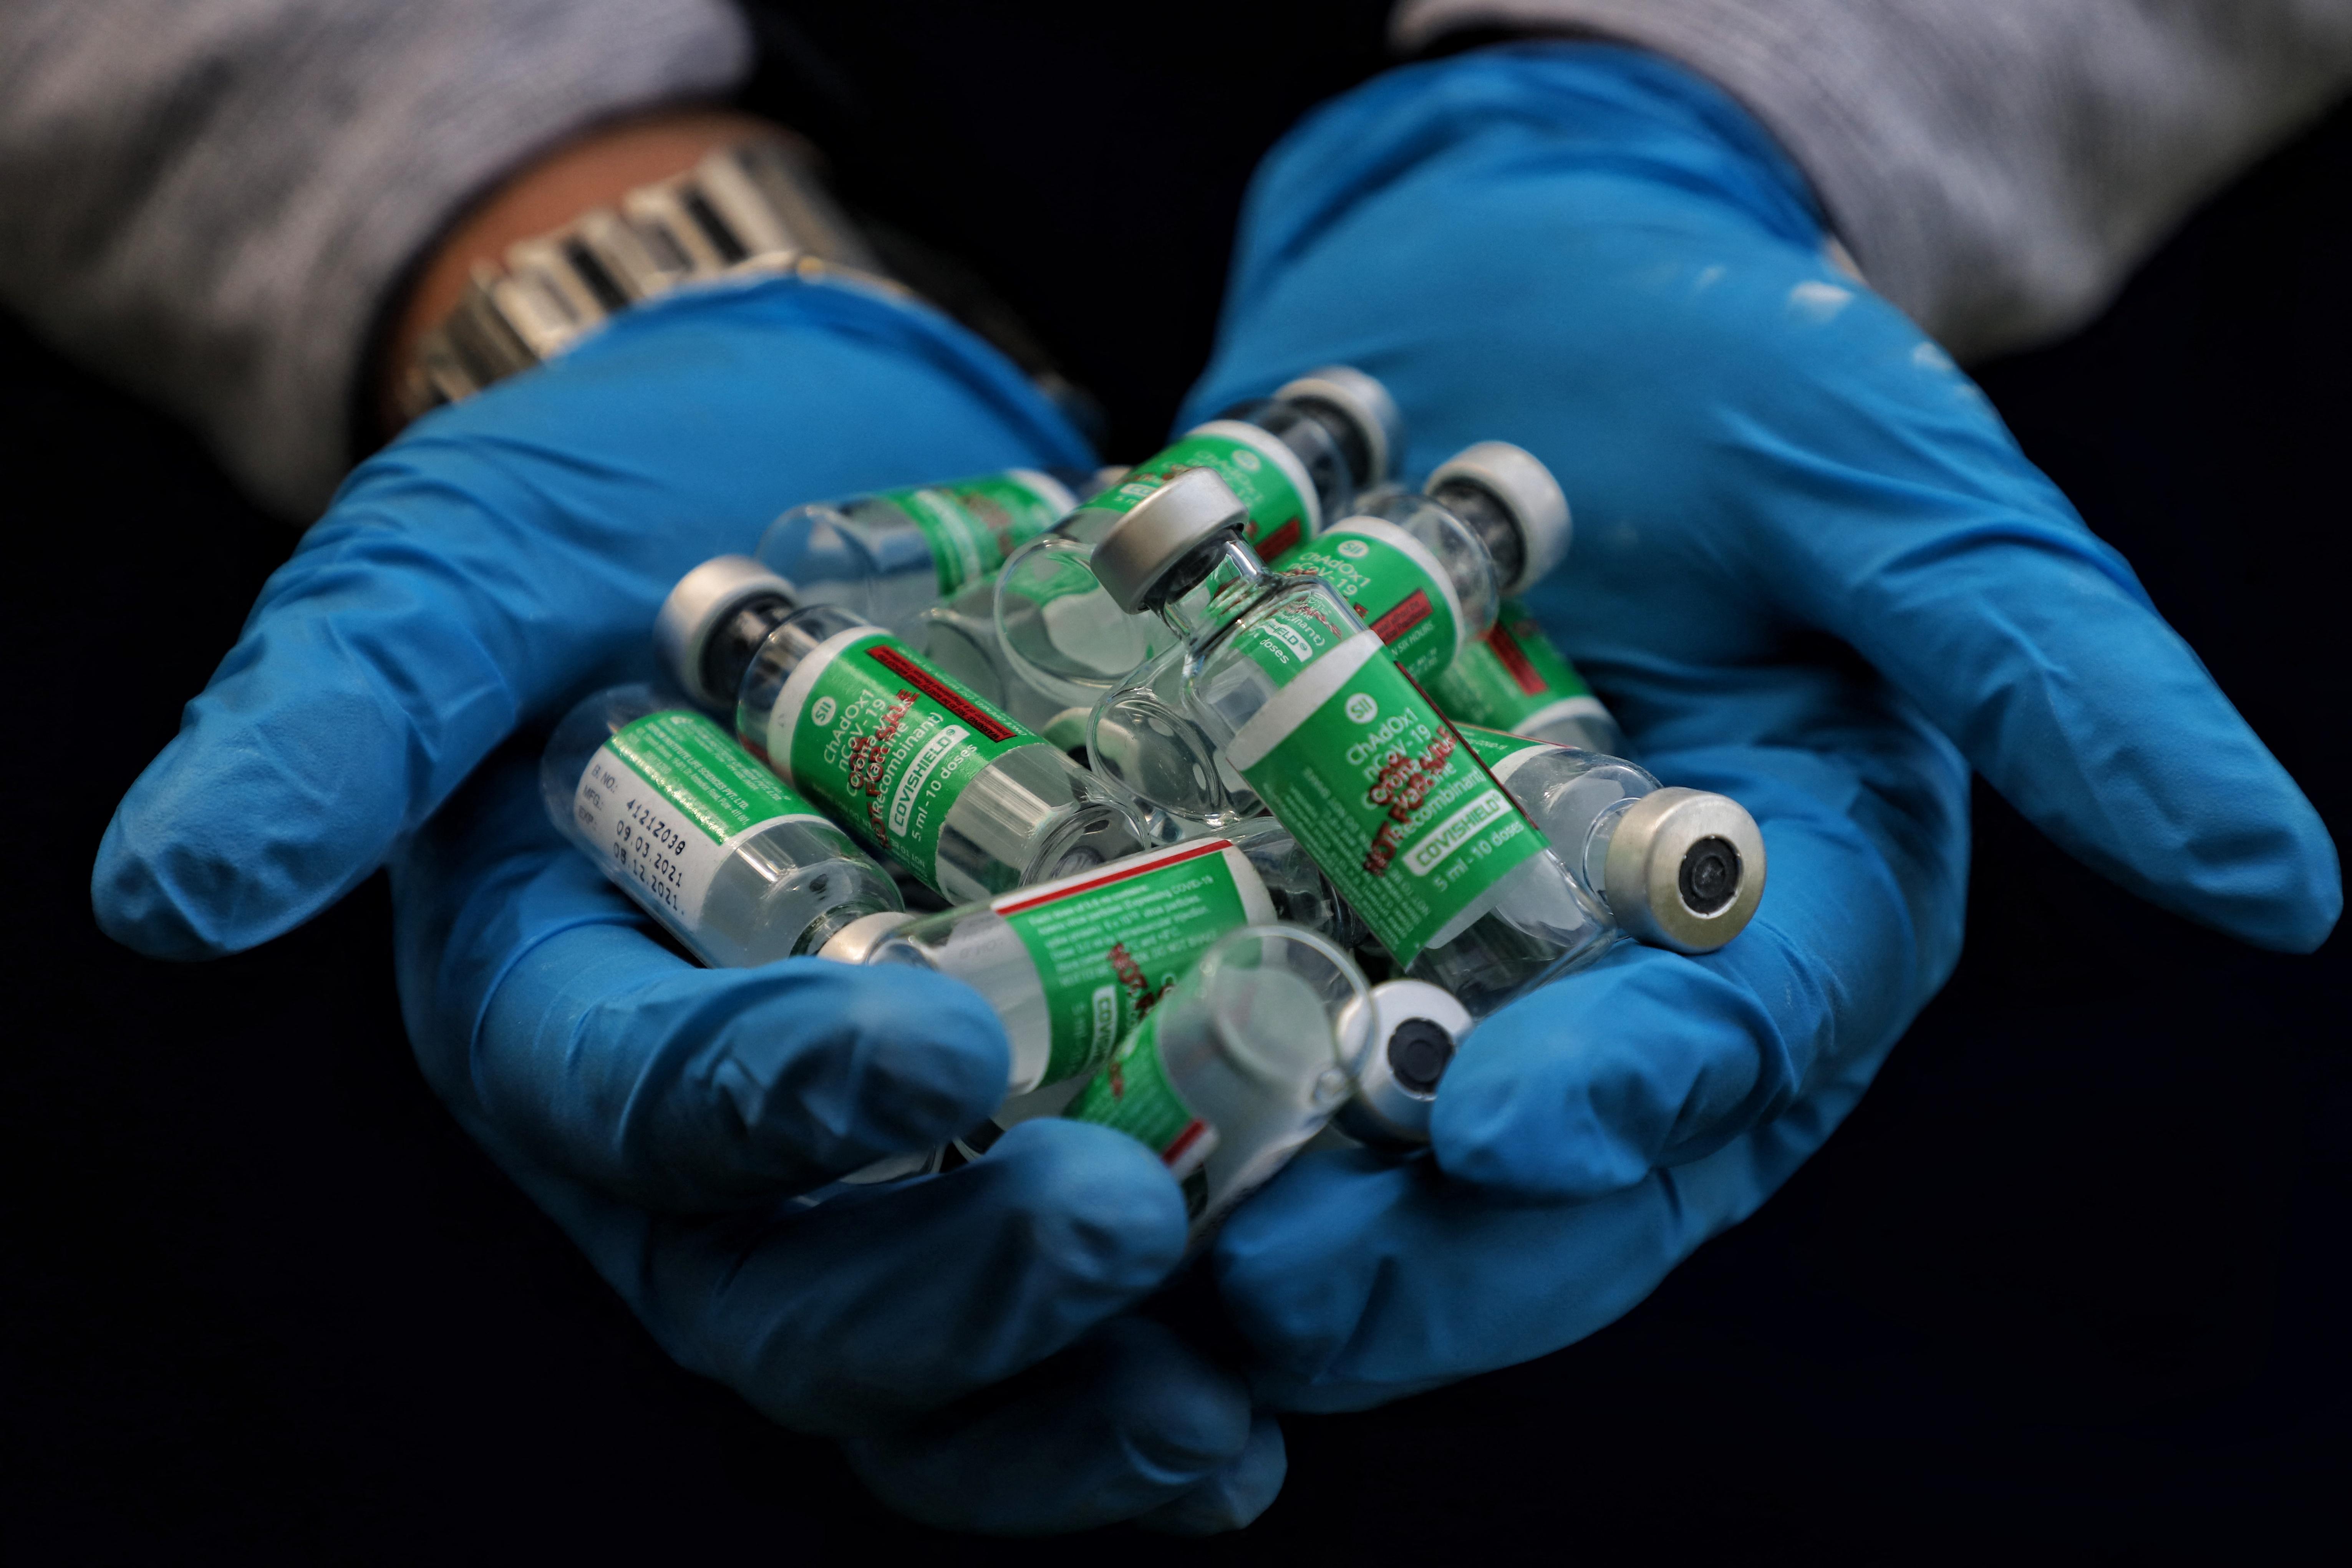 Az USA támogatná a koronavírusoltások szabadalmainak feloldását